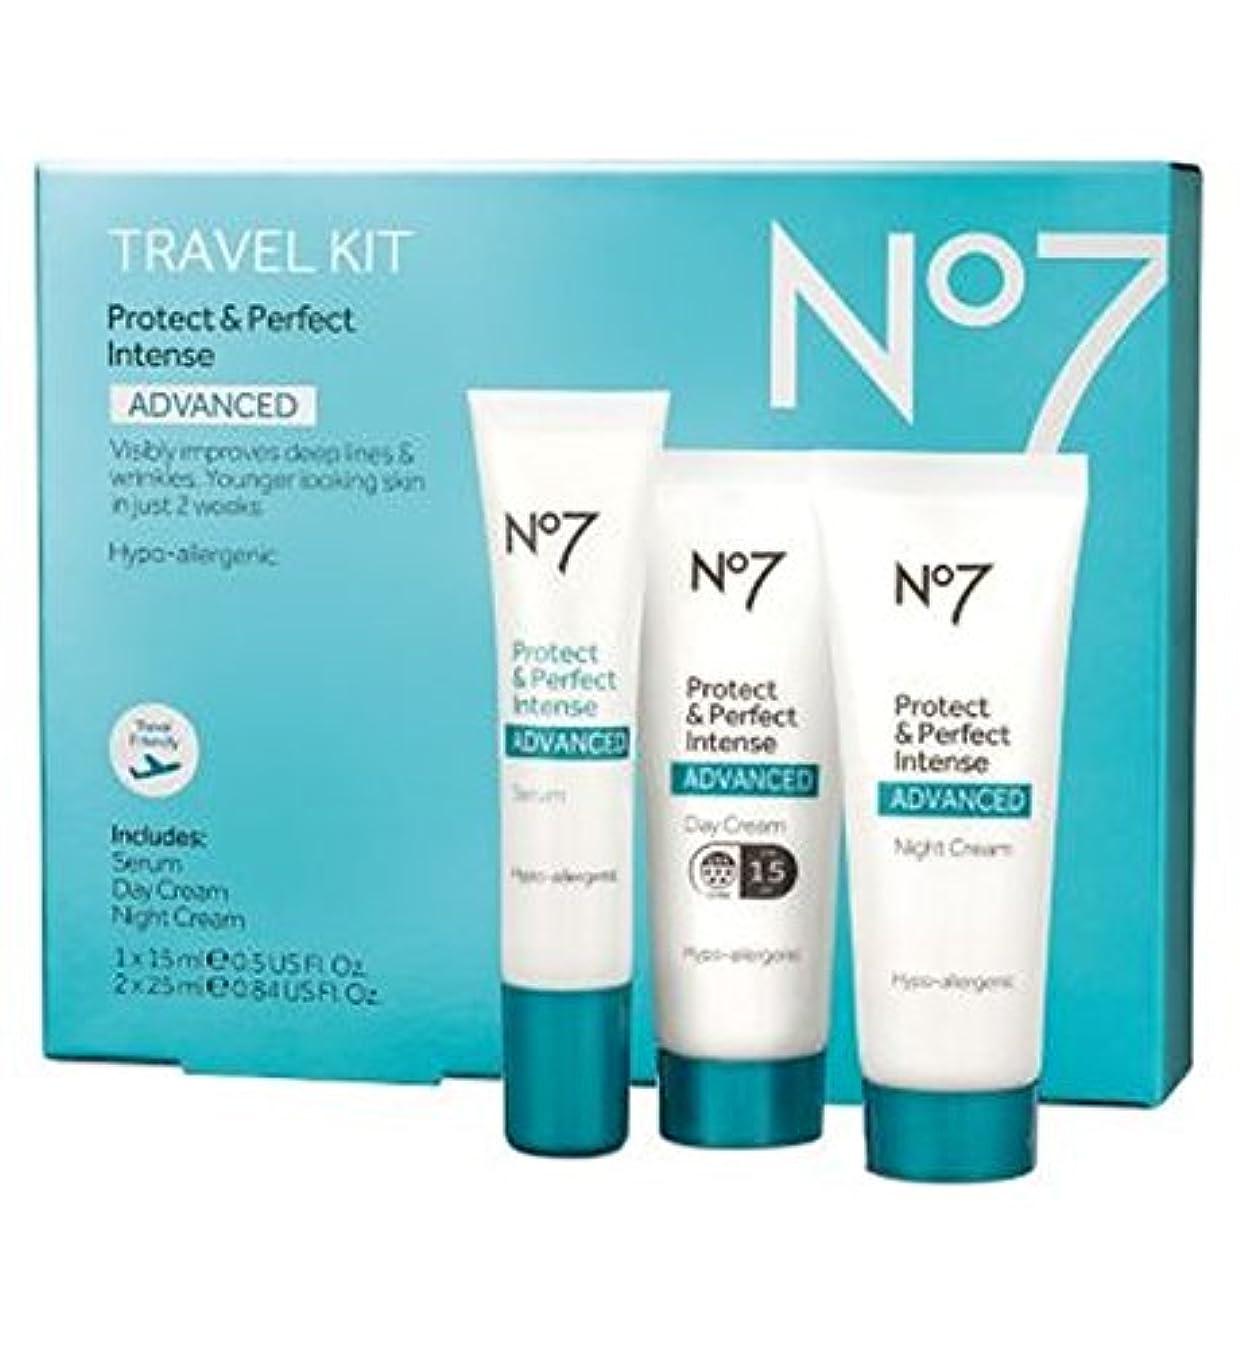 セージ田舎敬の念No7保護&完璧な強烈な高度な旅行キット (No7) (x2) - No7 Protect & Perfect Intense ADVANCED Travel Kit (Pack of 2) [並行輸入品]